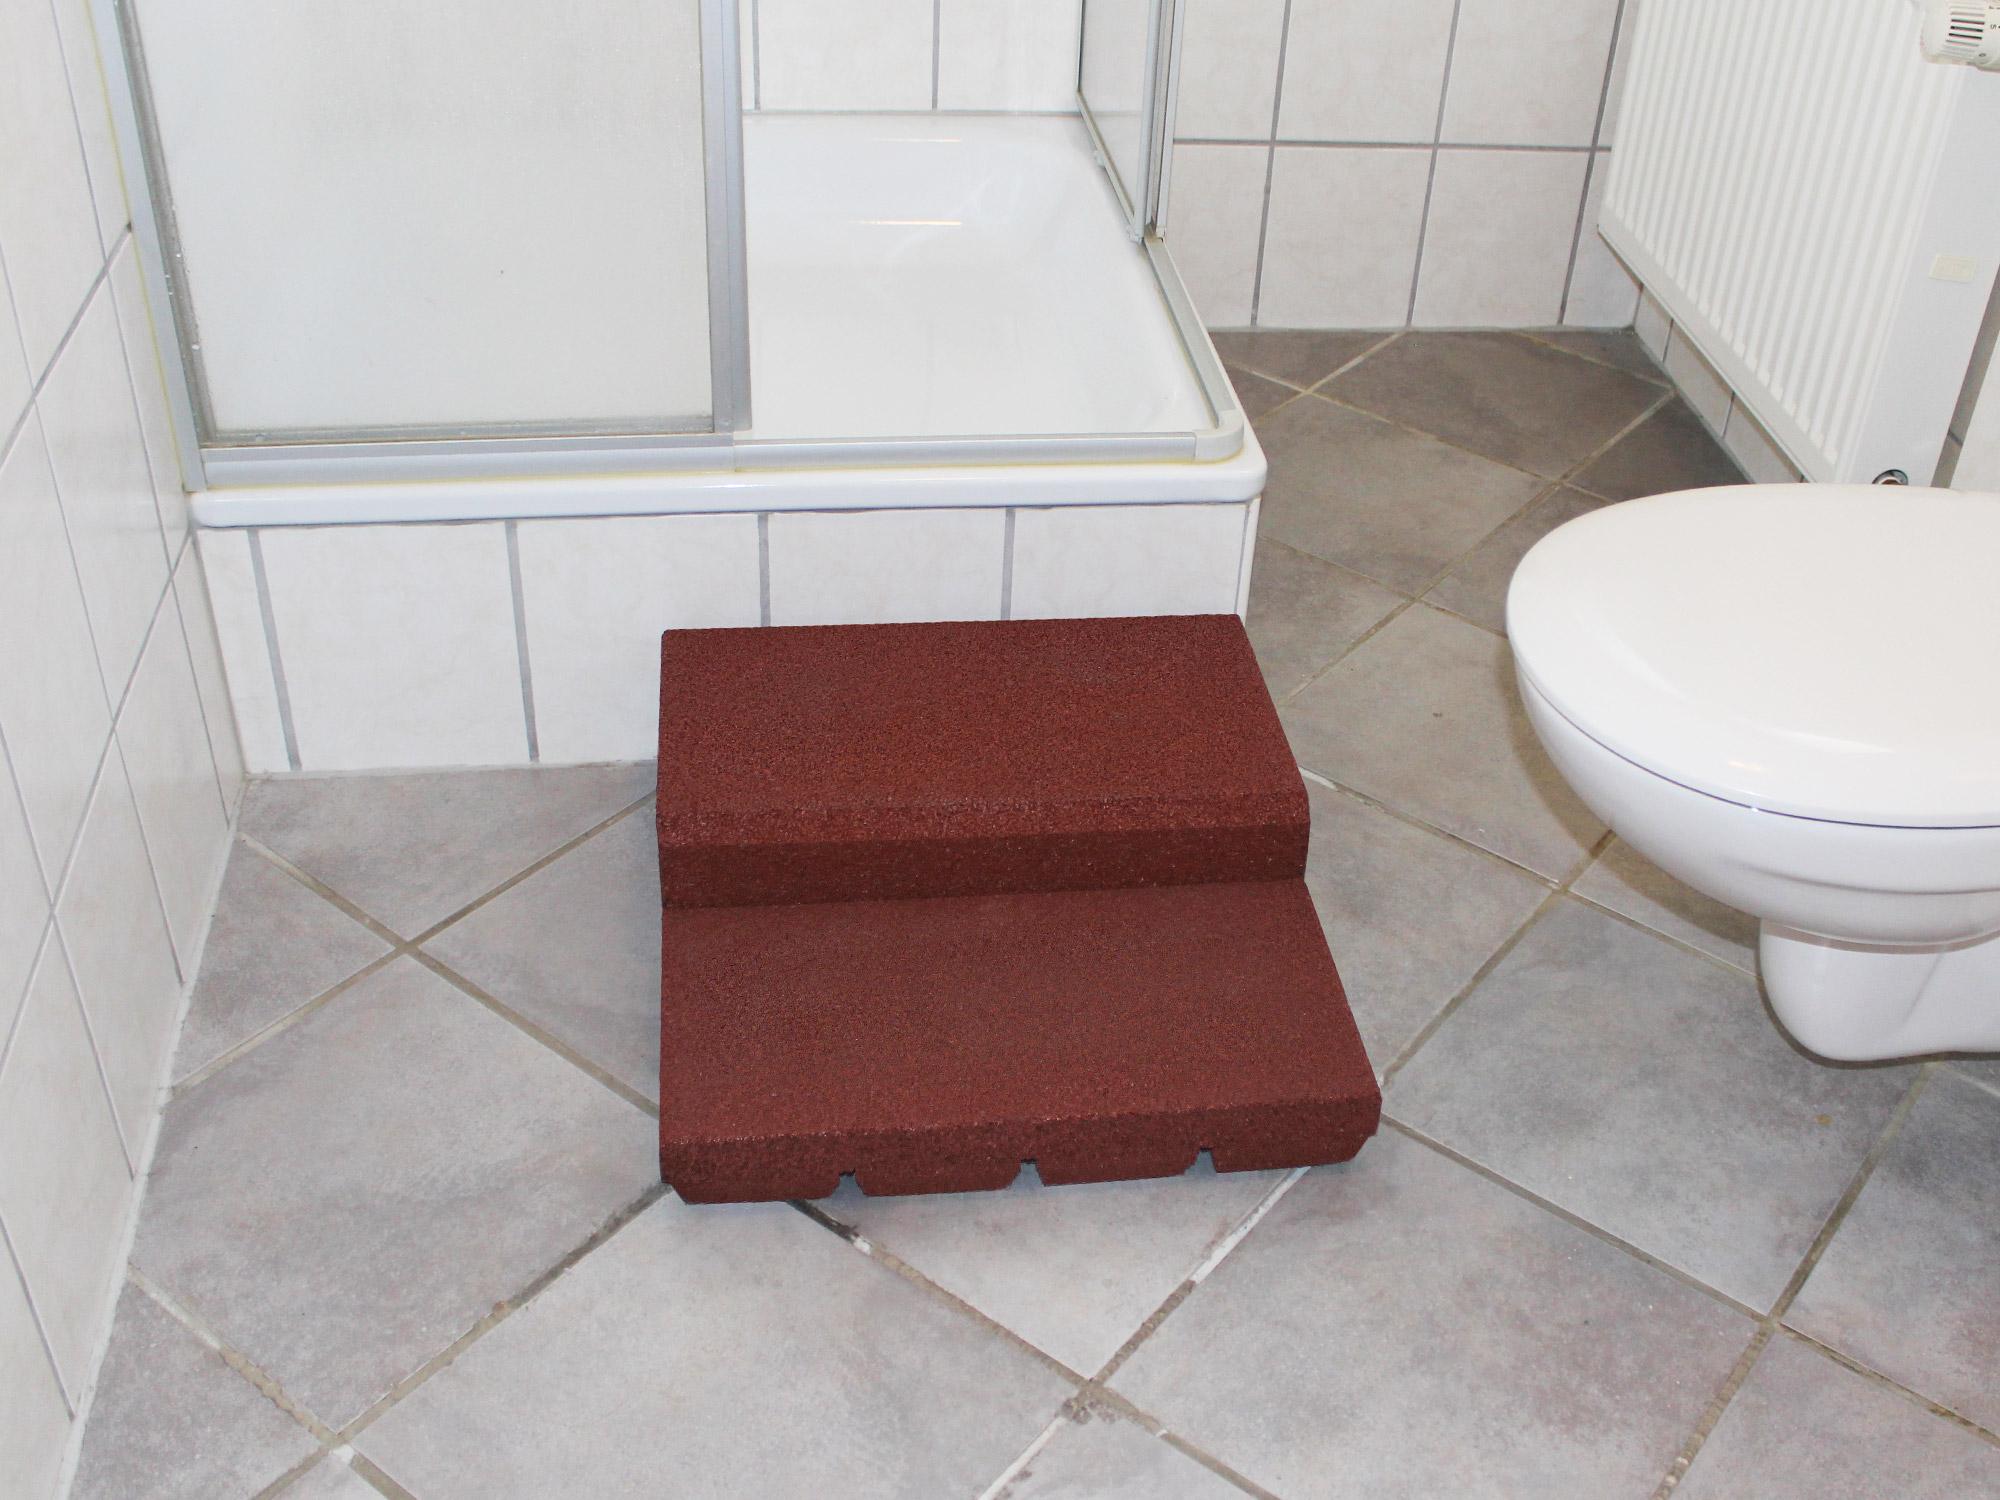 einstiegshilfe f r die badewanne gro e badewanne einstiegshilfe design idee die bilder mit der. Black Bedroom Furniture Sets. Home Design Ideas